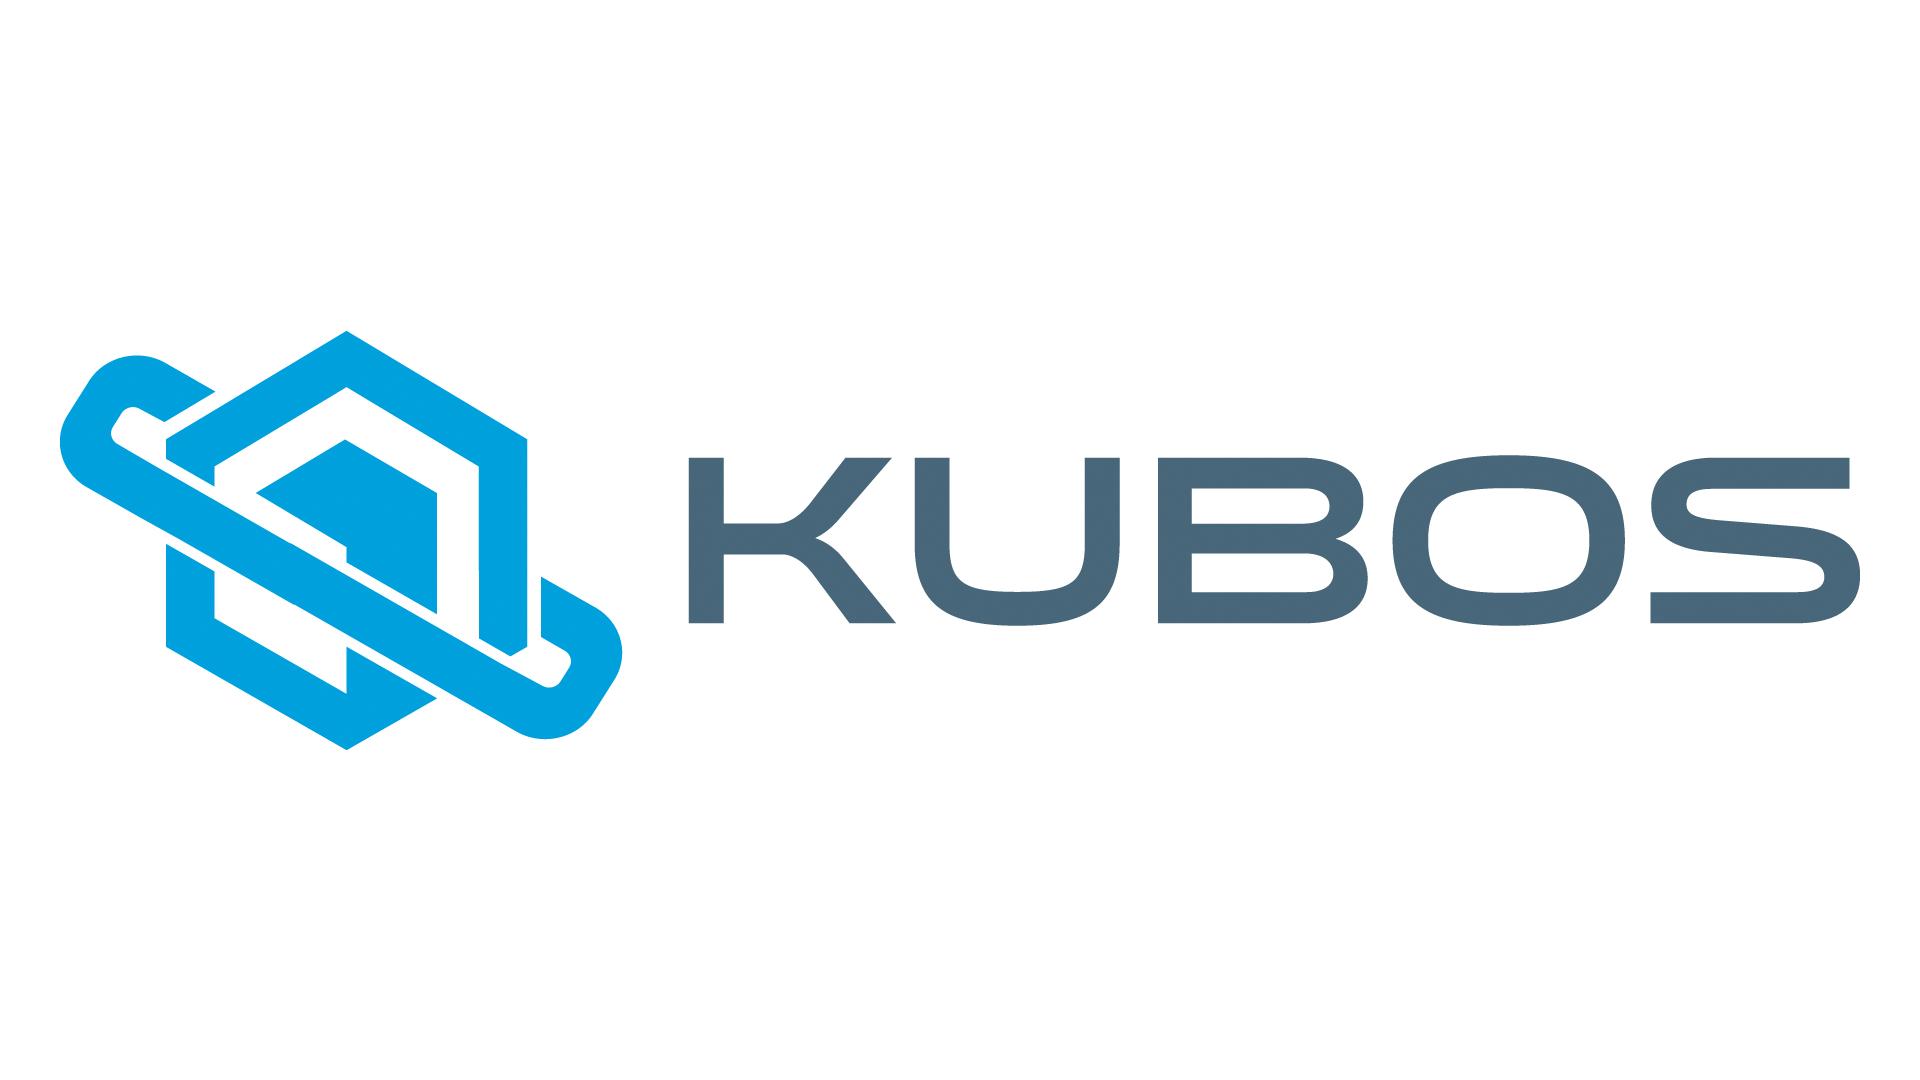 kubos-1080p-white (1).png